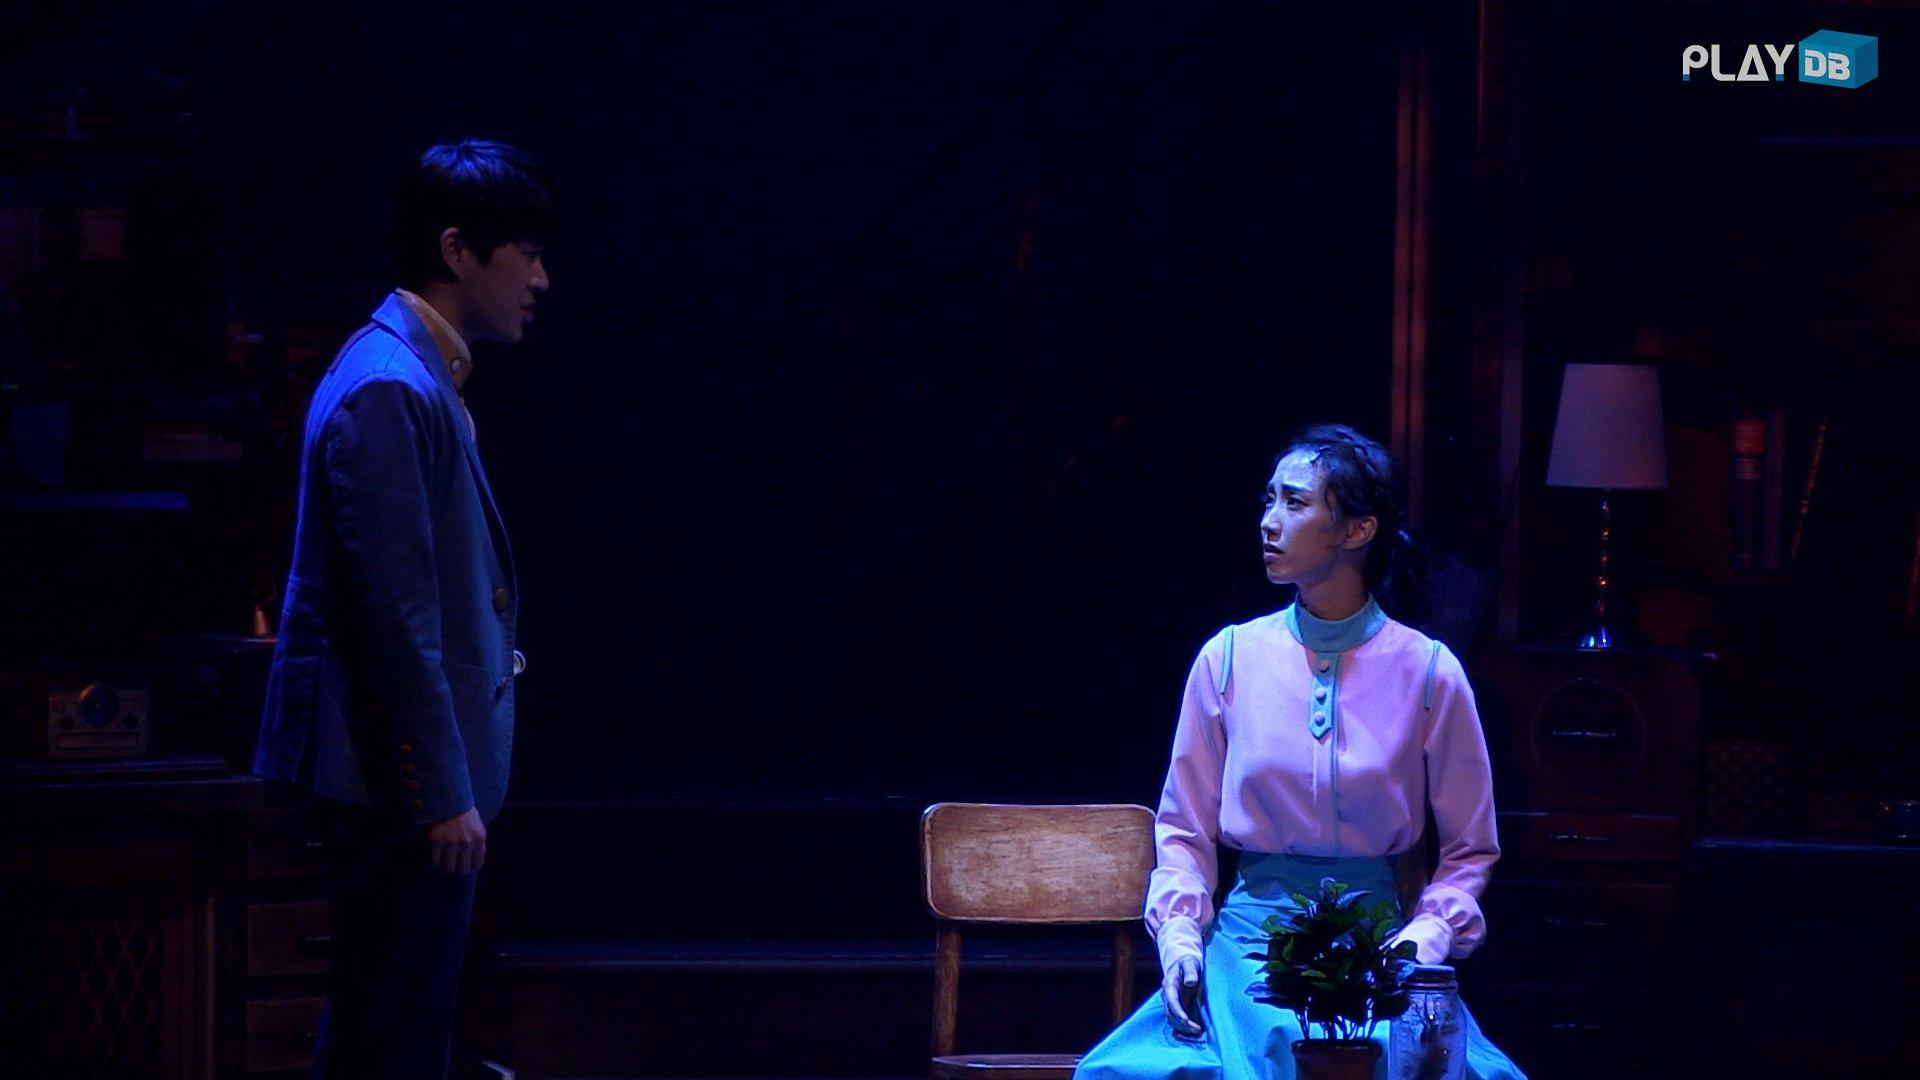 '어쩌면 해피엔딩' 그럼에도 불구하고 - 문태유, 박지연, 권동호